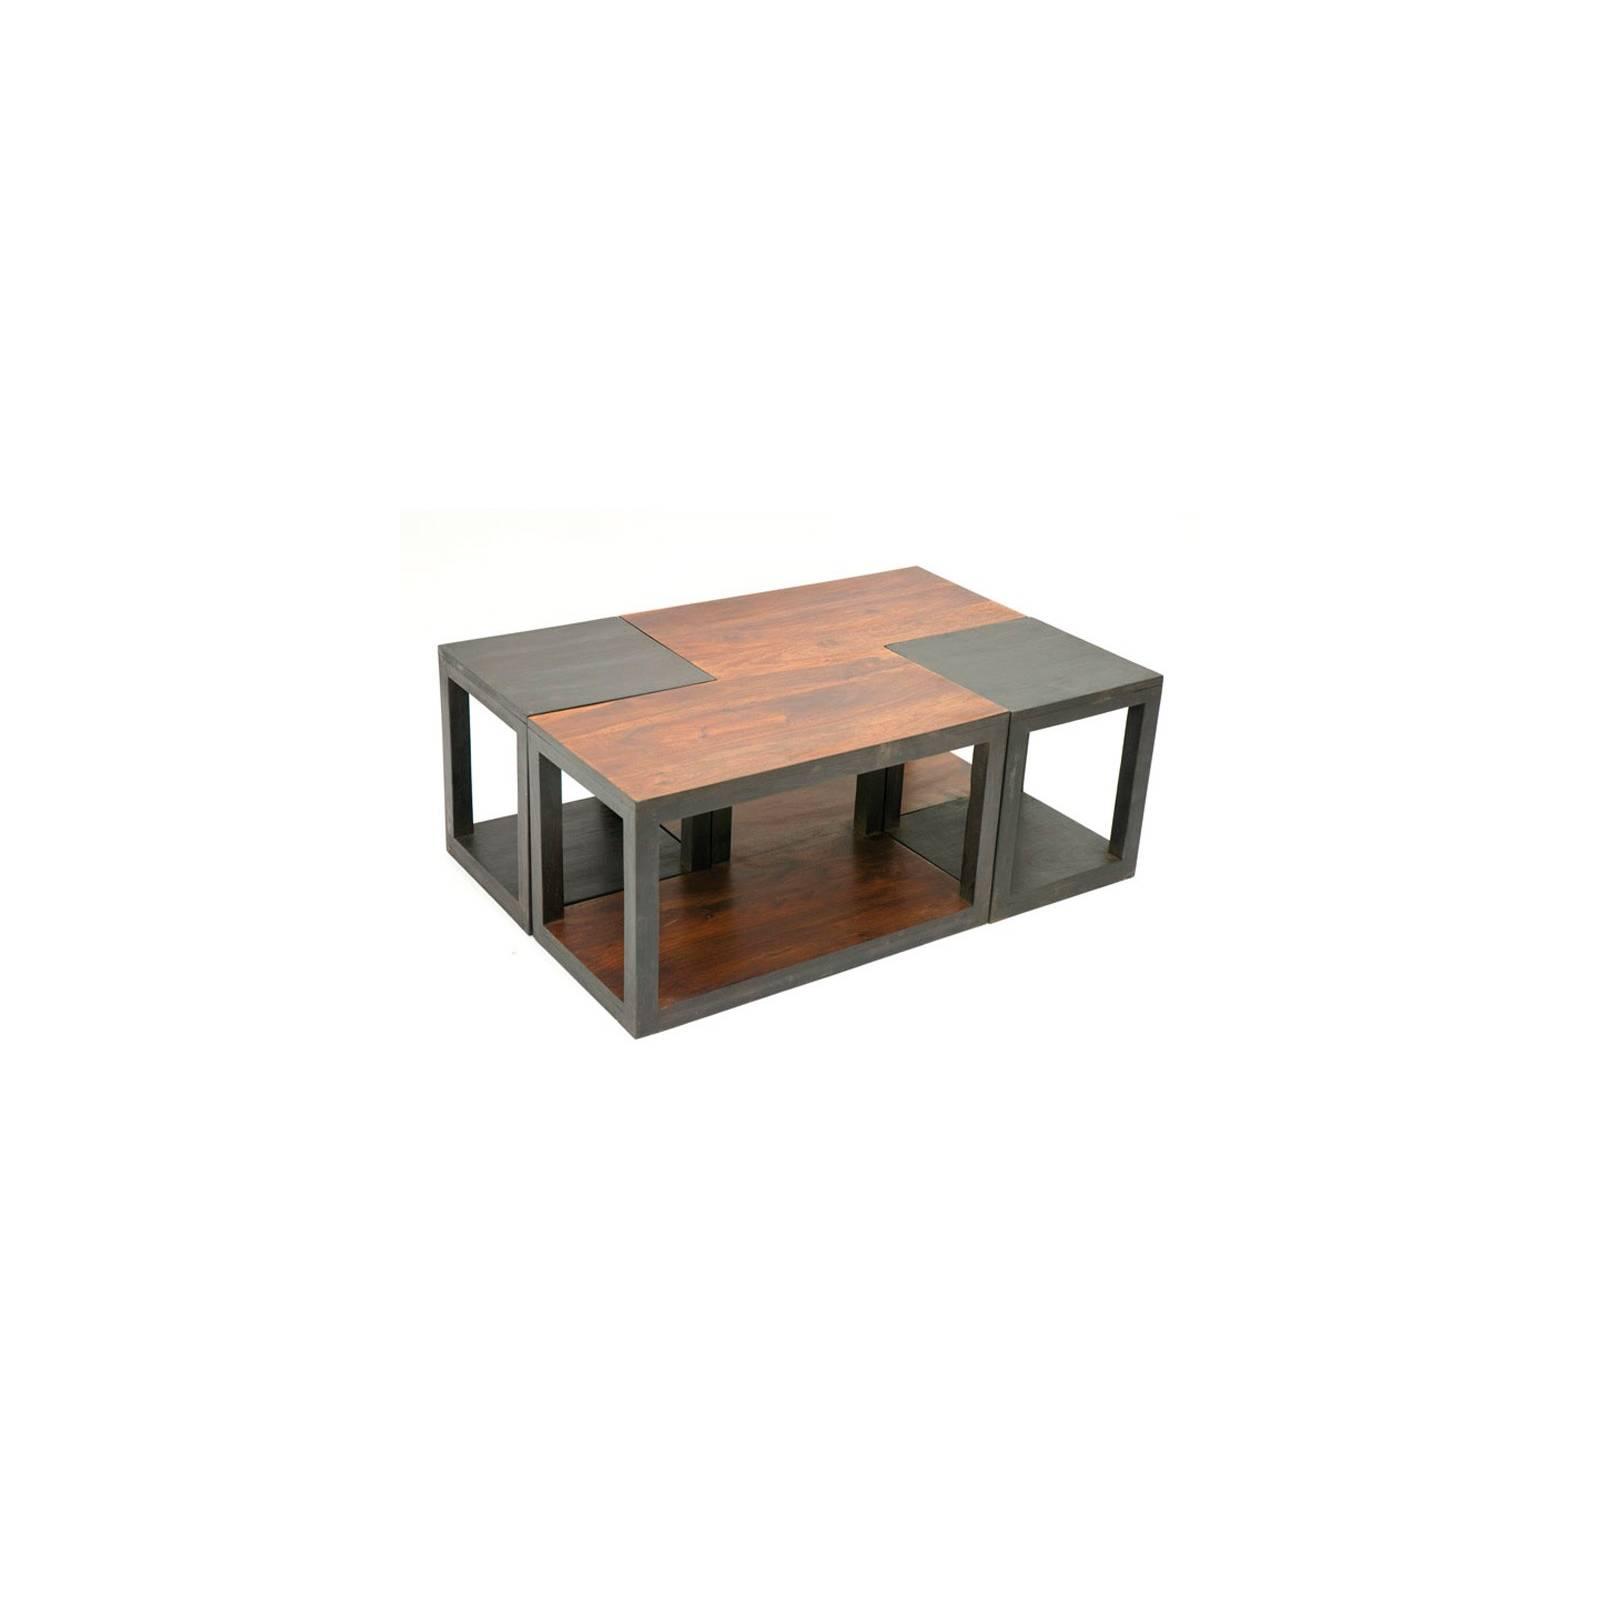 Table Basse Design Rome Palissandre - achat meuble de salon